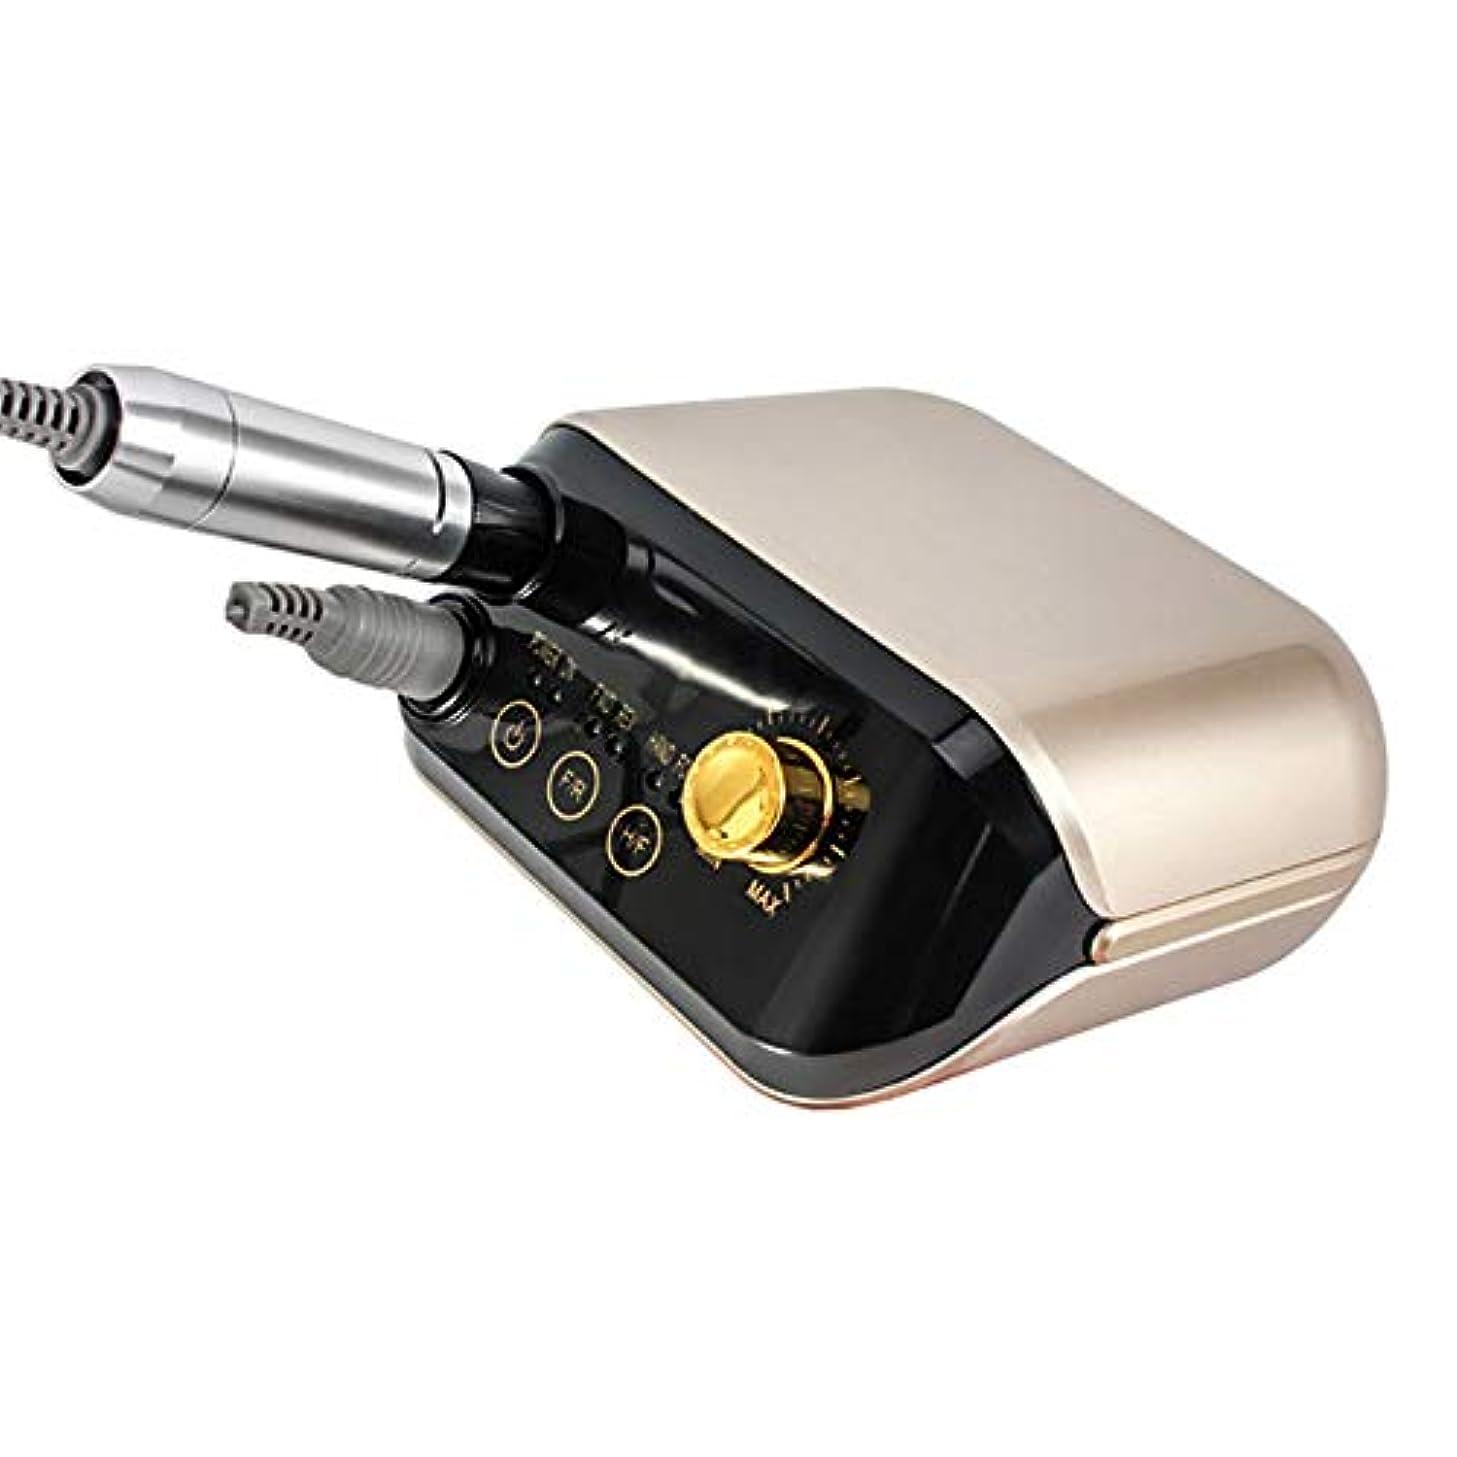 生命体無駄だ代わりにを立てるネイルペディキュアマシン用ネイルドリルマニキュアマシンセット30W 25000 rpm Pro